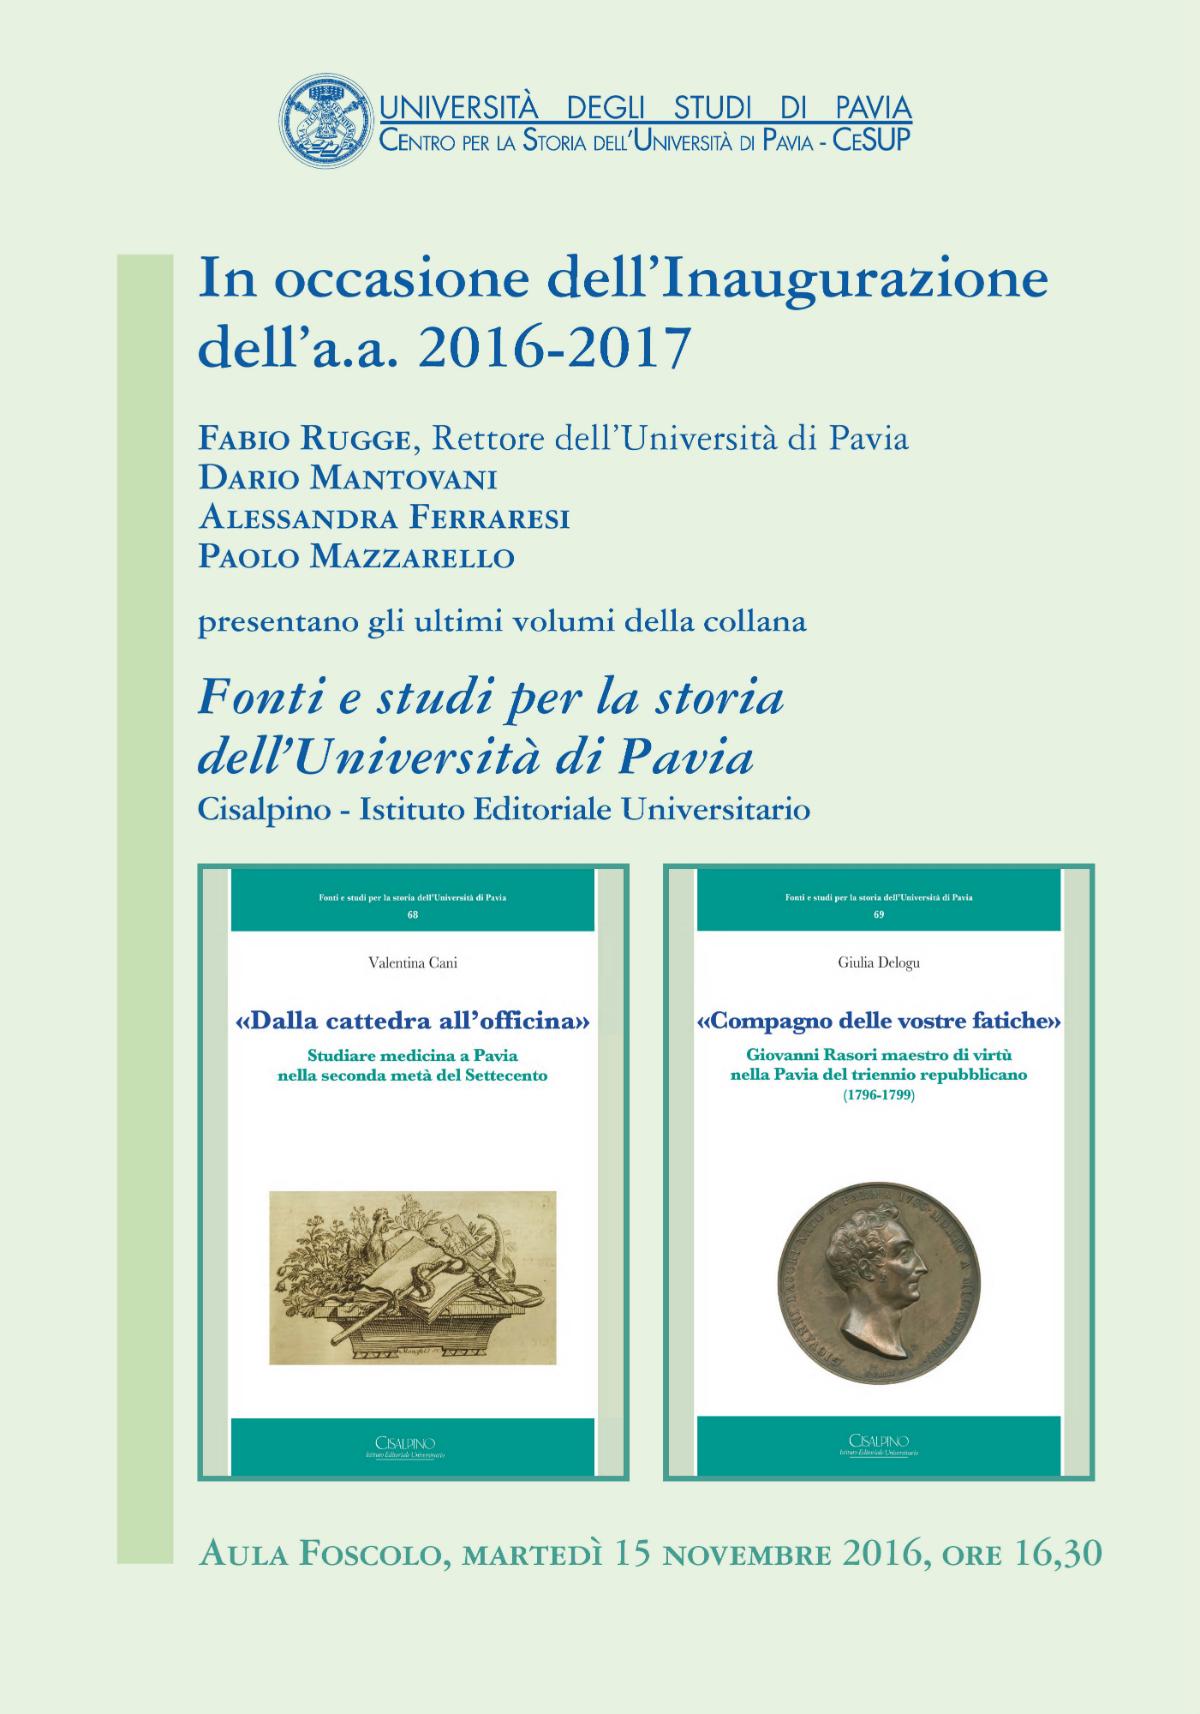 Pavia_Inaugurazione anno accademico 2016-2017